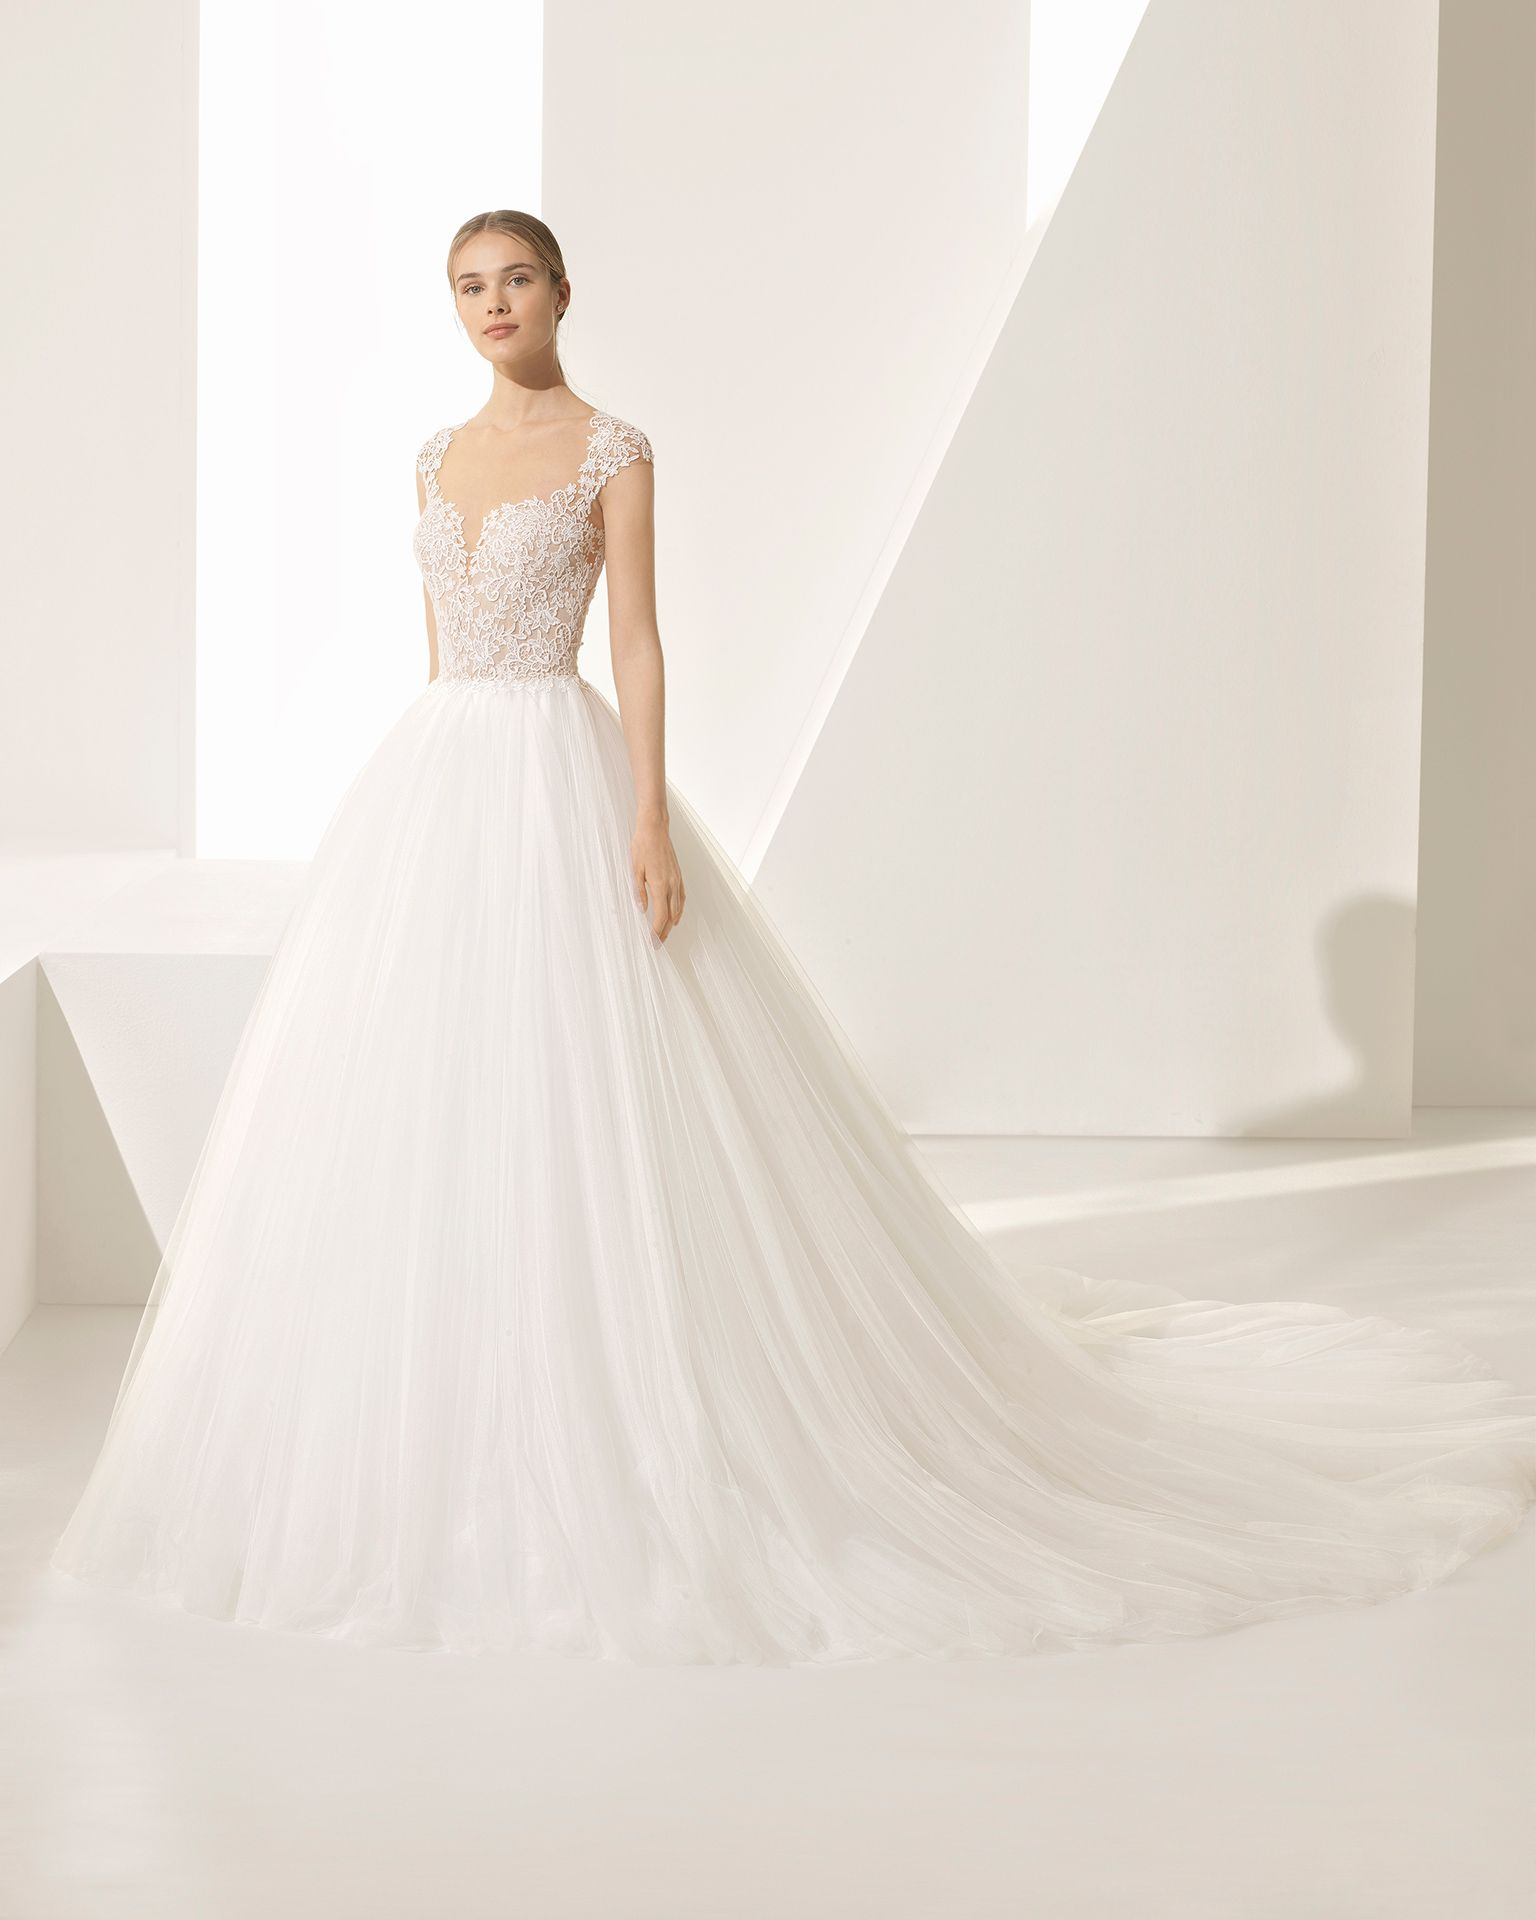 dd0e295920e8 PEGASUS - sposa 2018. Collezione Rosa Clará Couture nel 2019